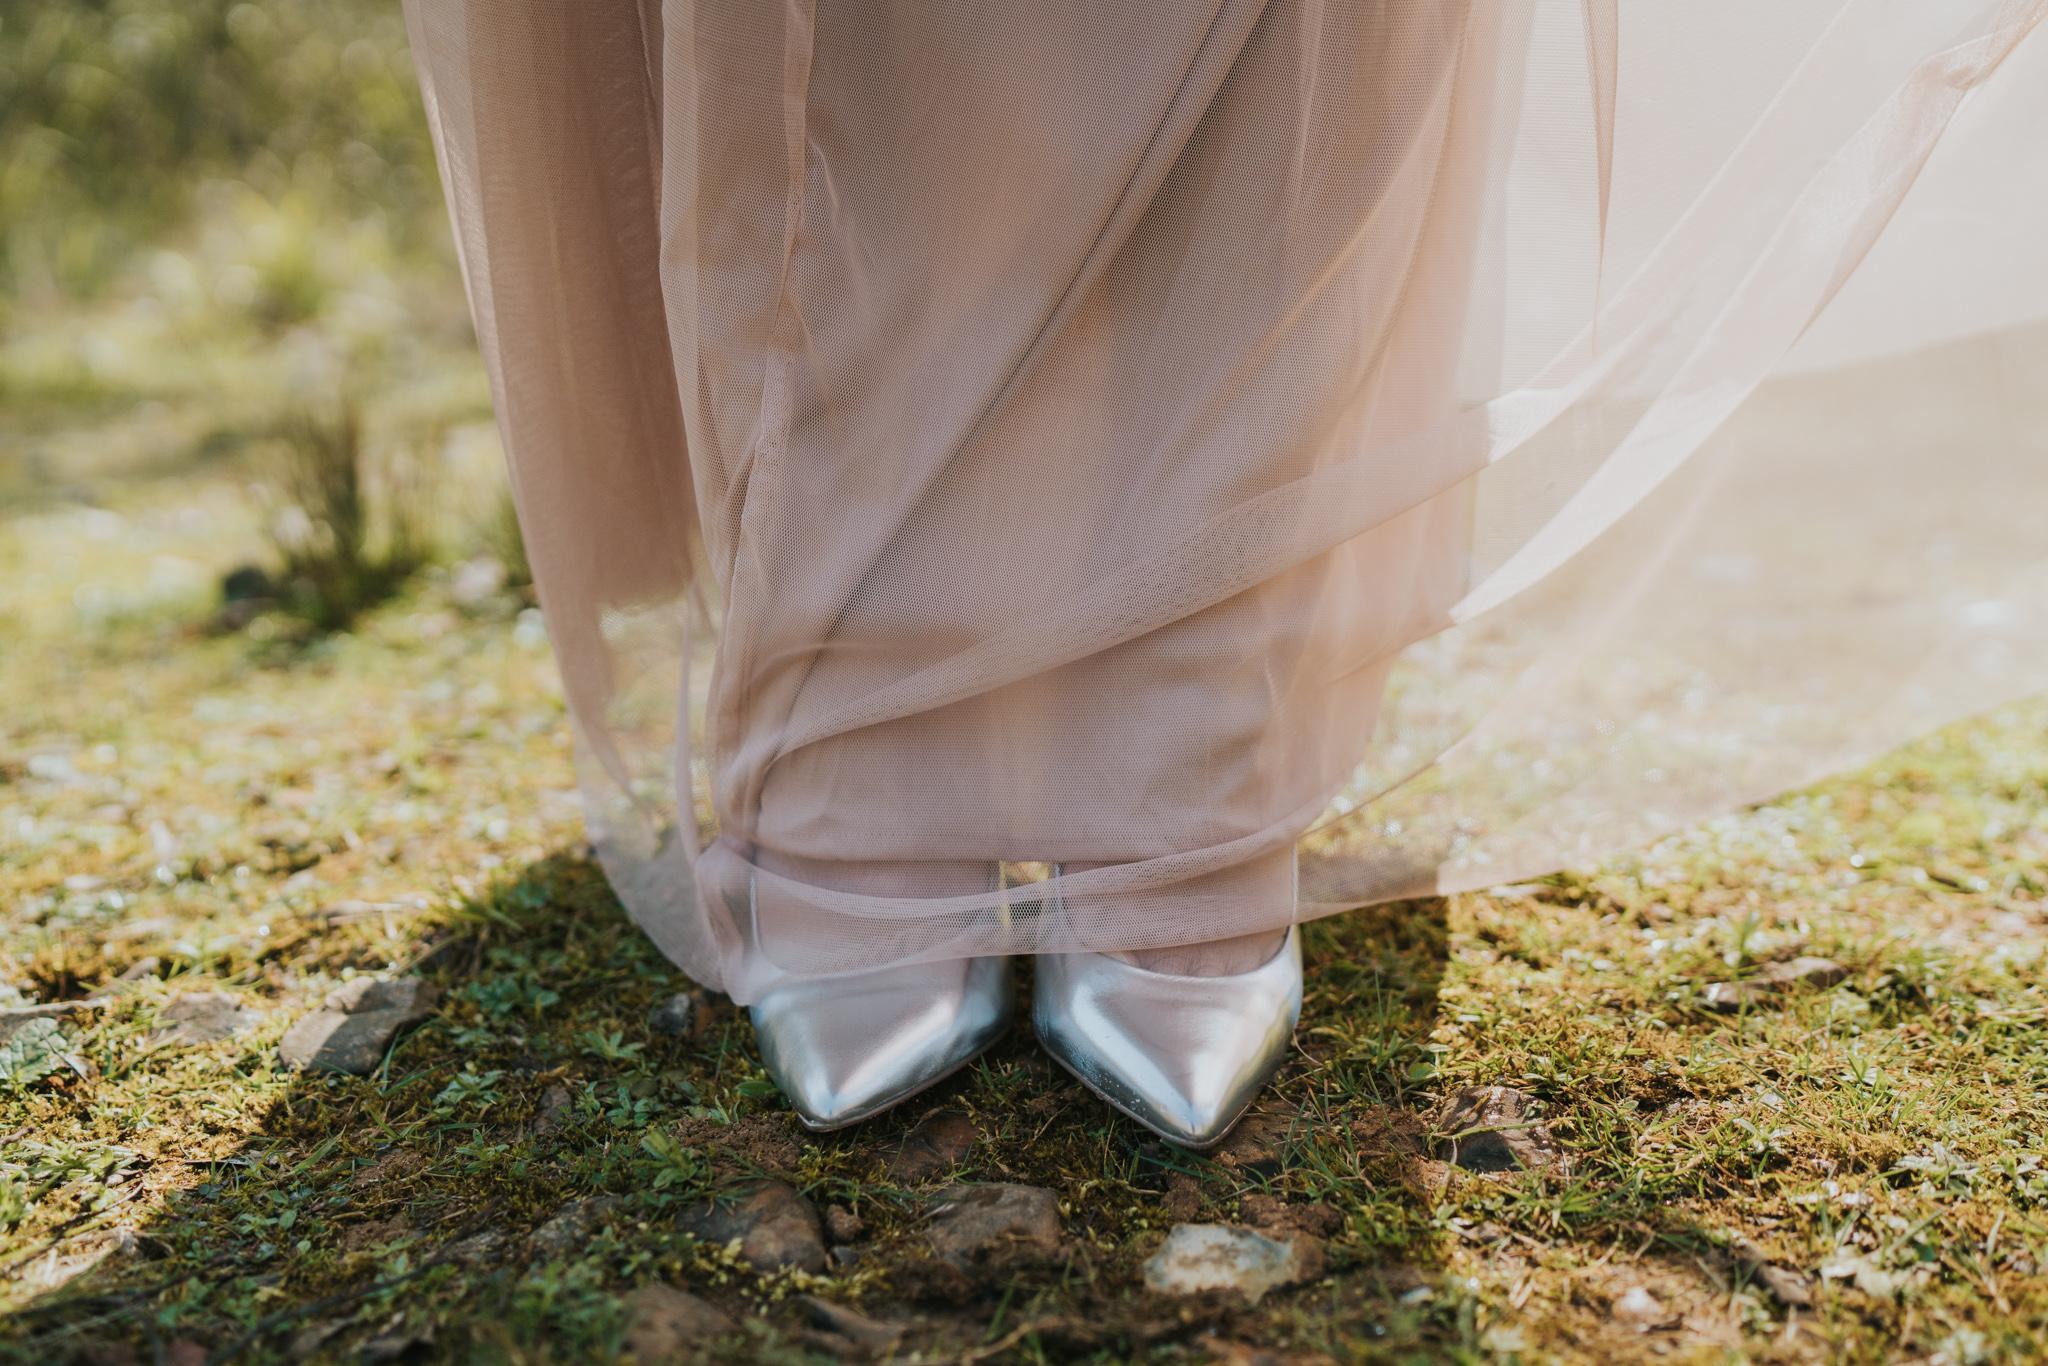 yuliya-yafith-colchester-essex-woodland-elopement-alternative-wedding-photographer-grace-elizabeth-essex-suffolk-norfolk-devon (20 of 40).jpg